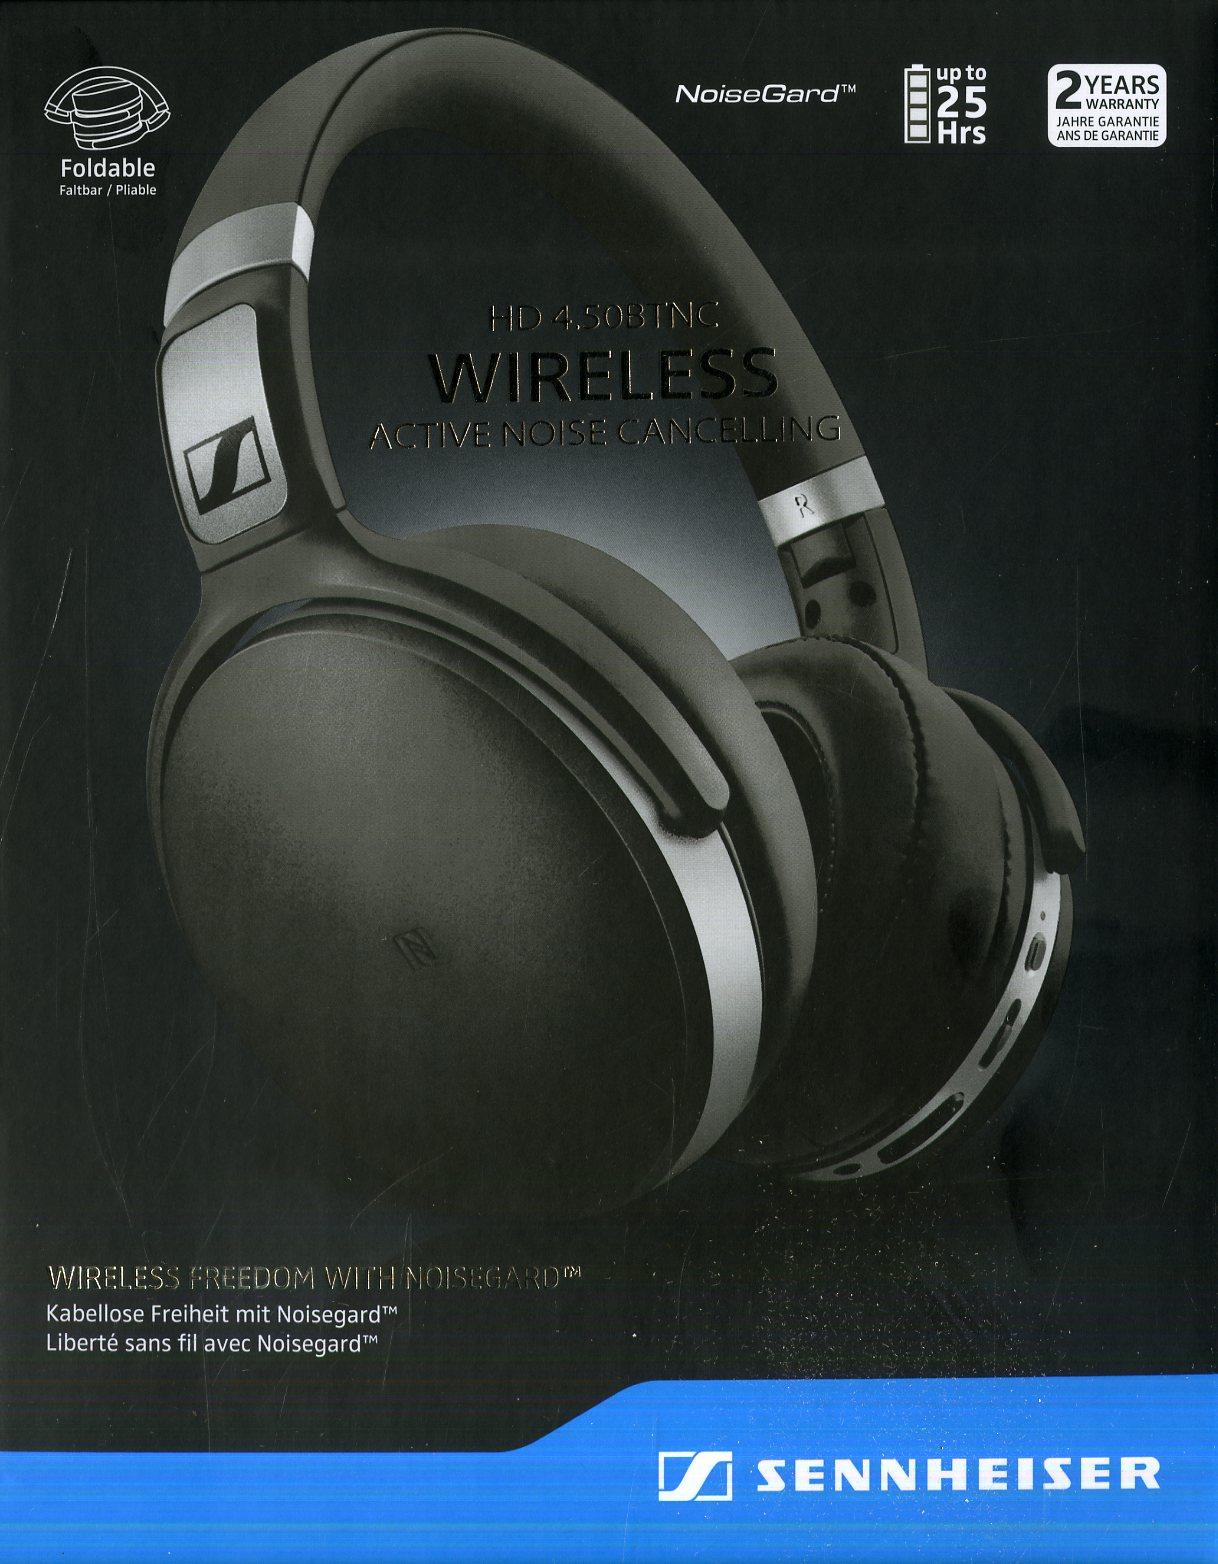 Cuffia (Hd4.50Btnc) Stereo Wireless Bluetooth Sennheiser (Nero E ... fd37b358caf6